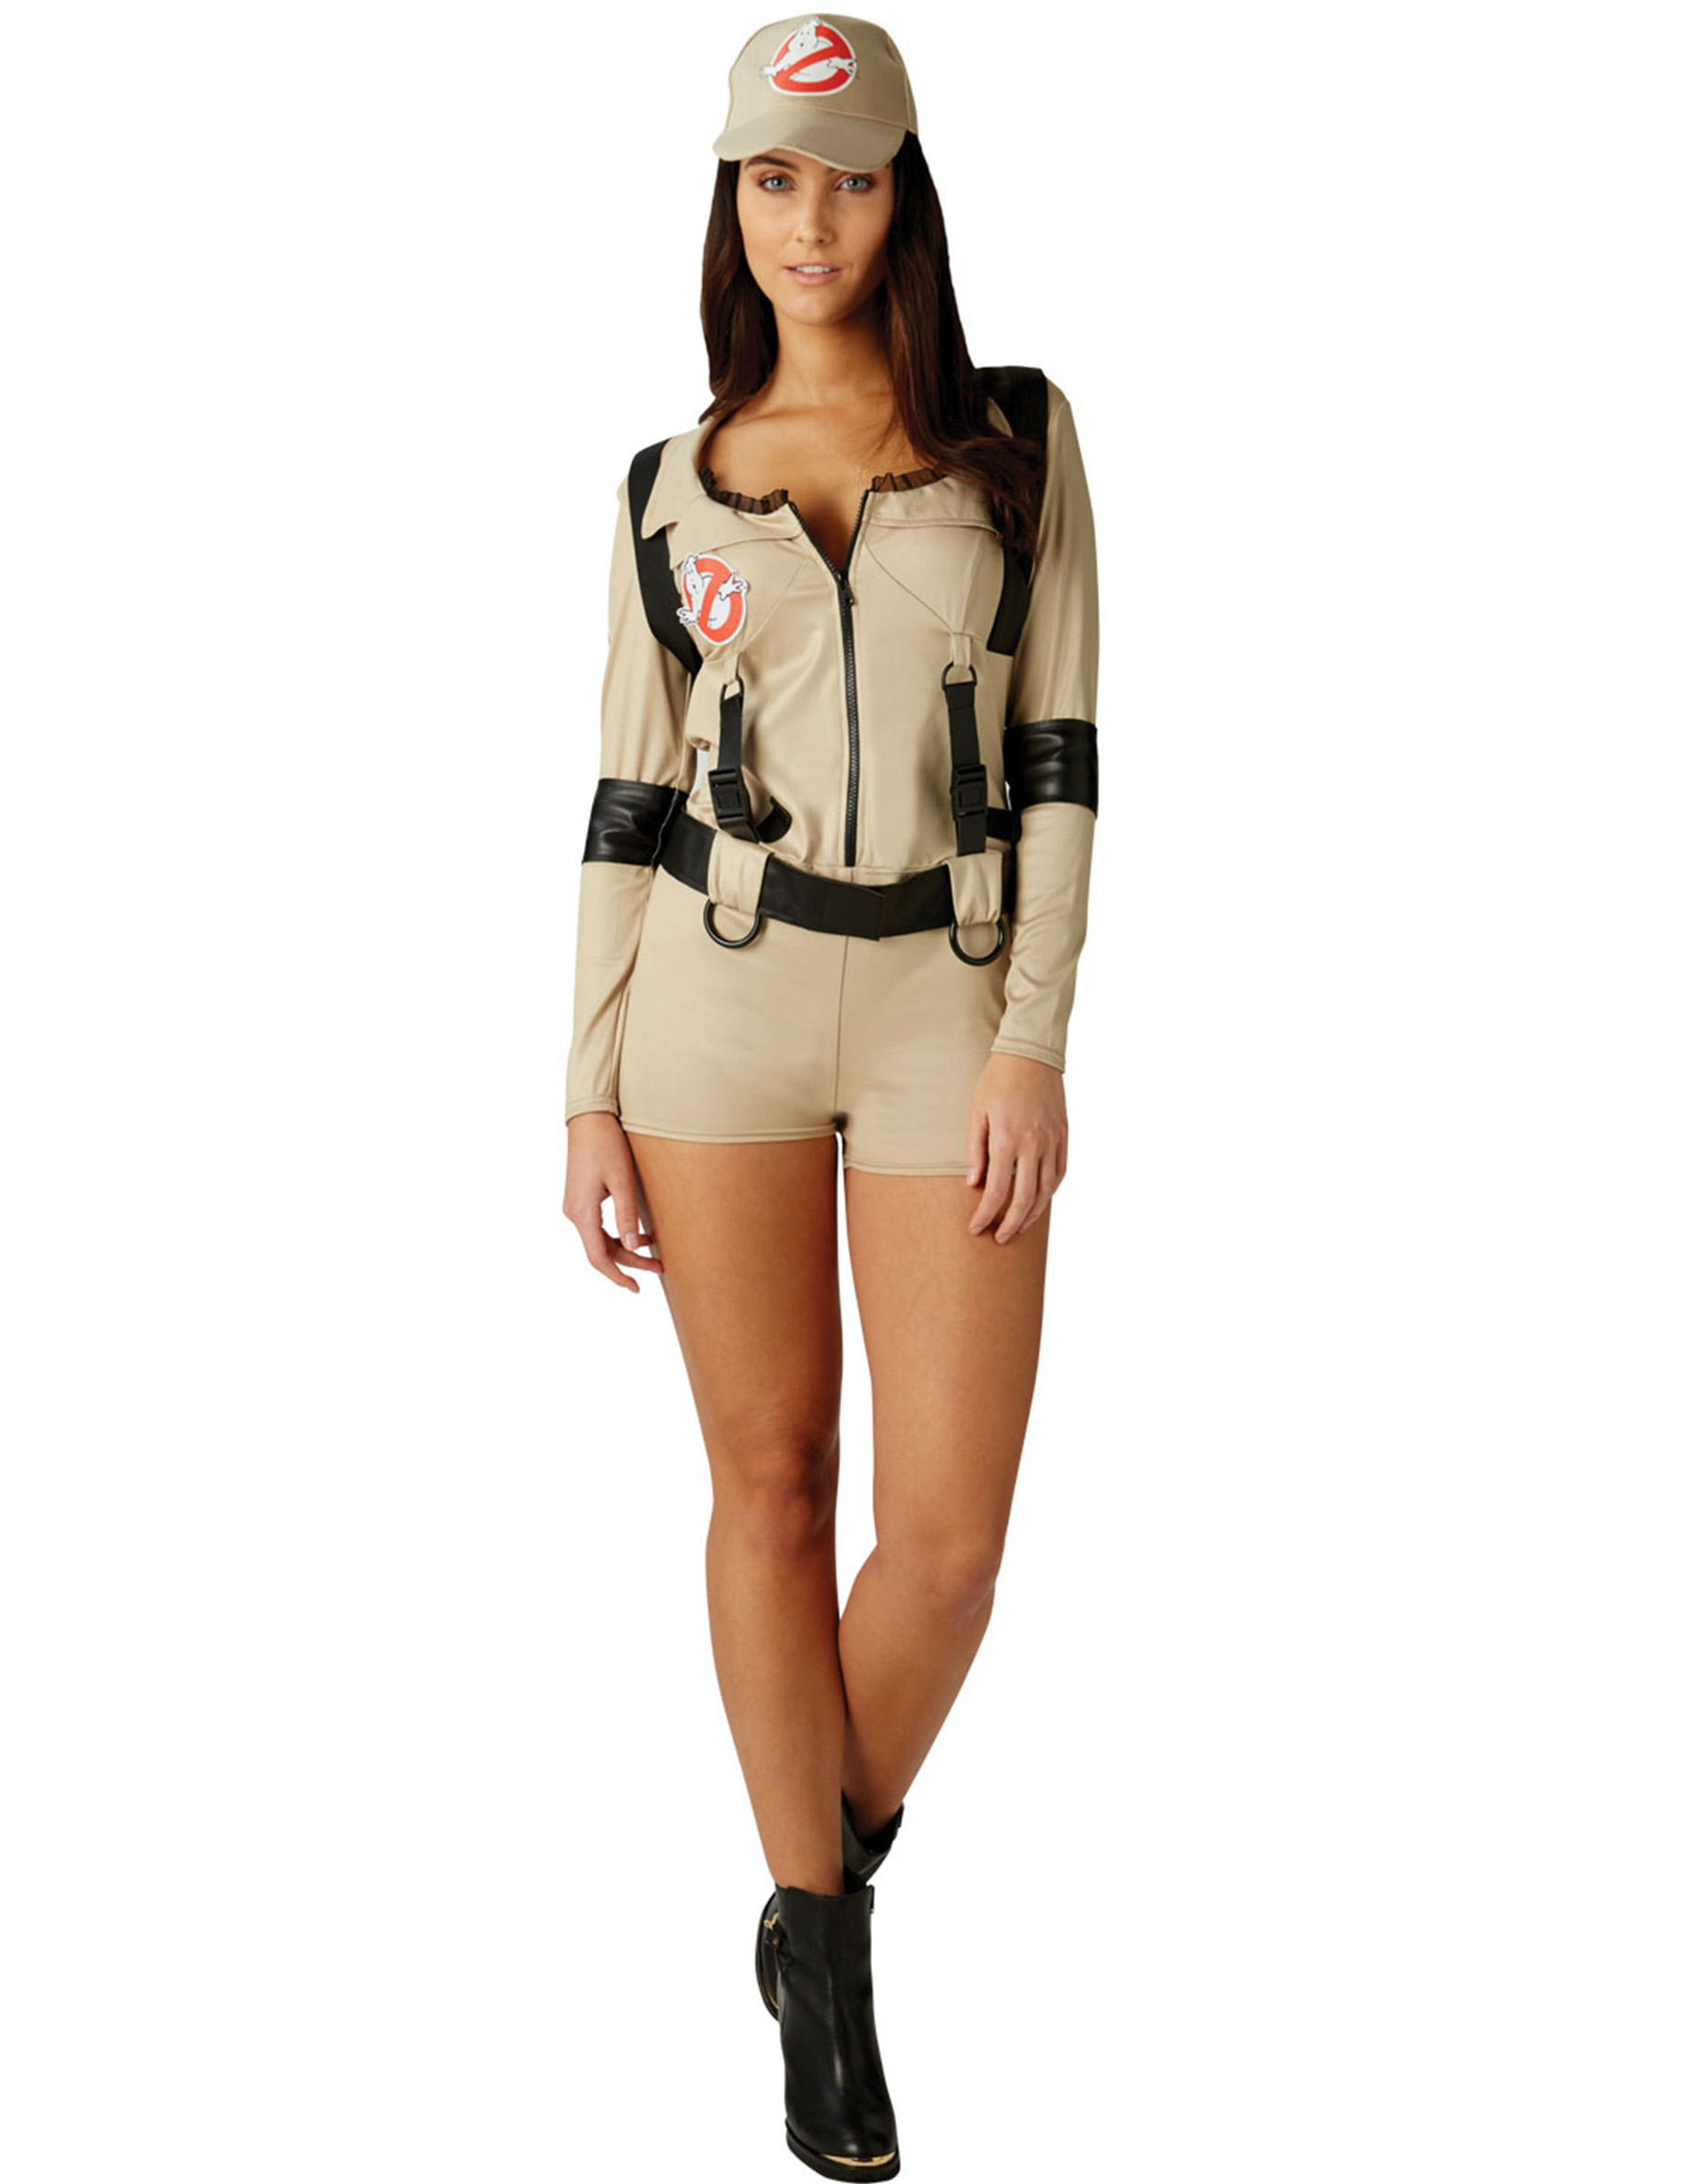 Disfraz traje corto Ghostbusters™ mujer  Disfraces adultos c84877ca689cf